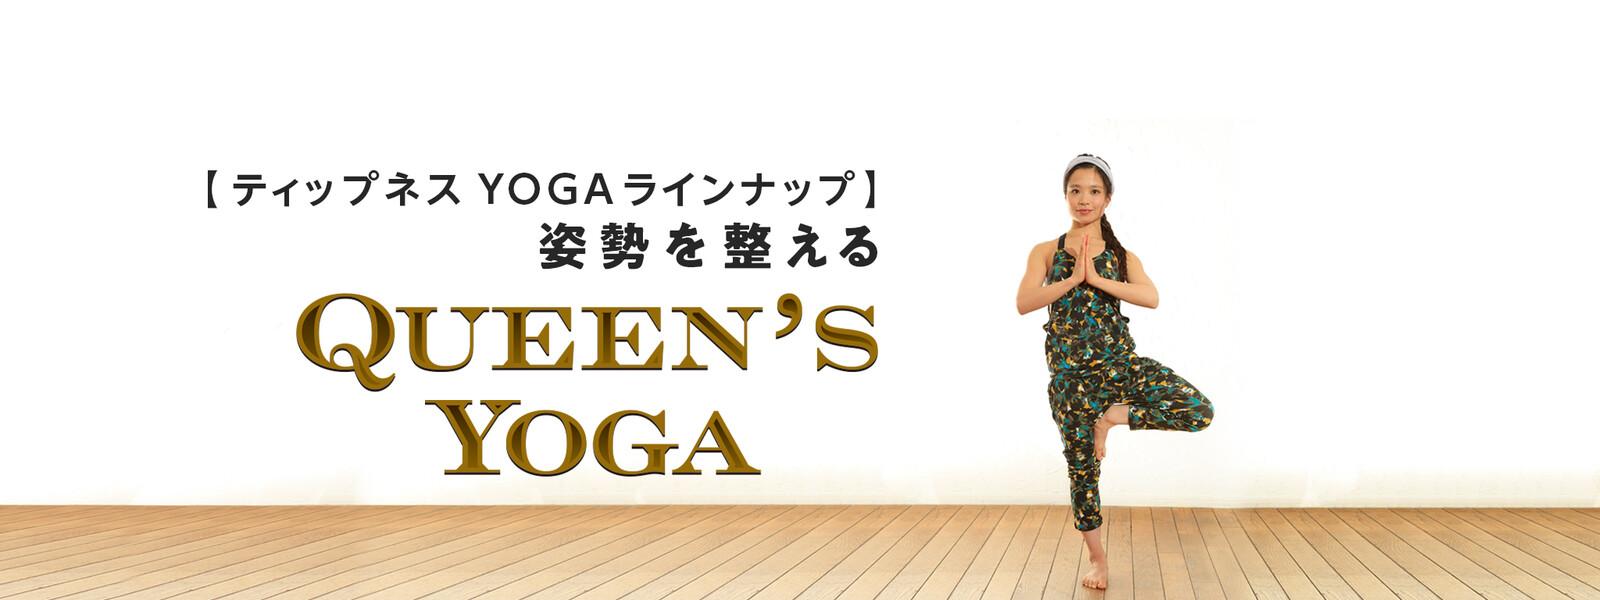 【ティップネスYOGAラインナップ】姿勢を整える QUEEN'S YOGAの動画 - 弾むダイエット JUMP SHAPE